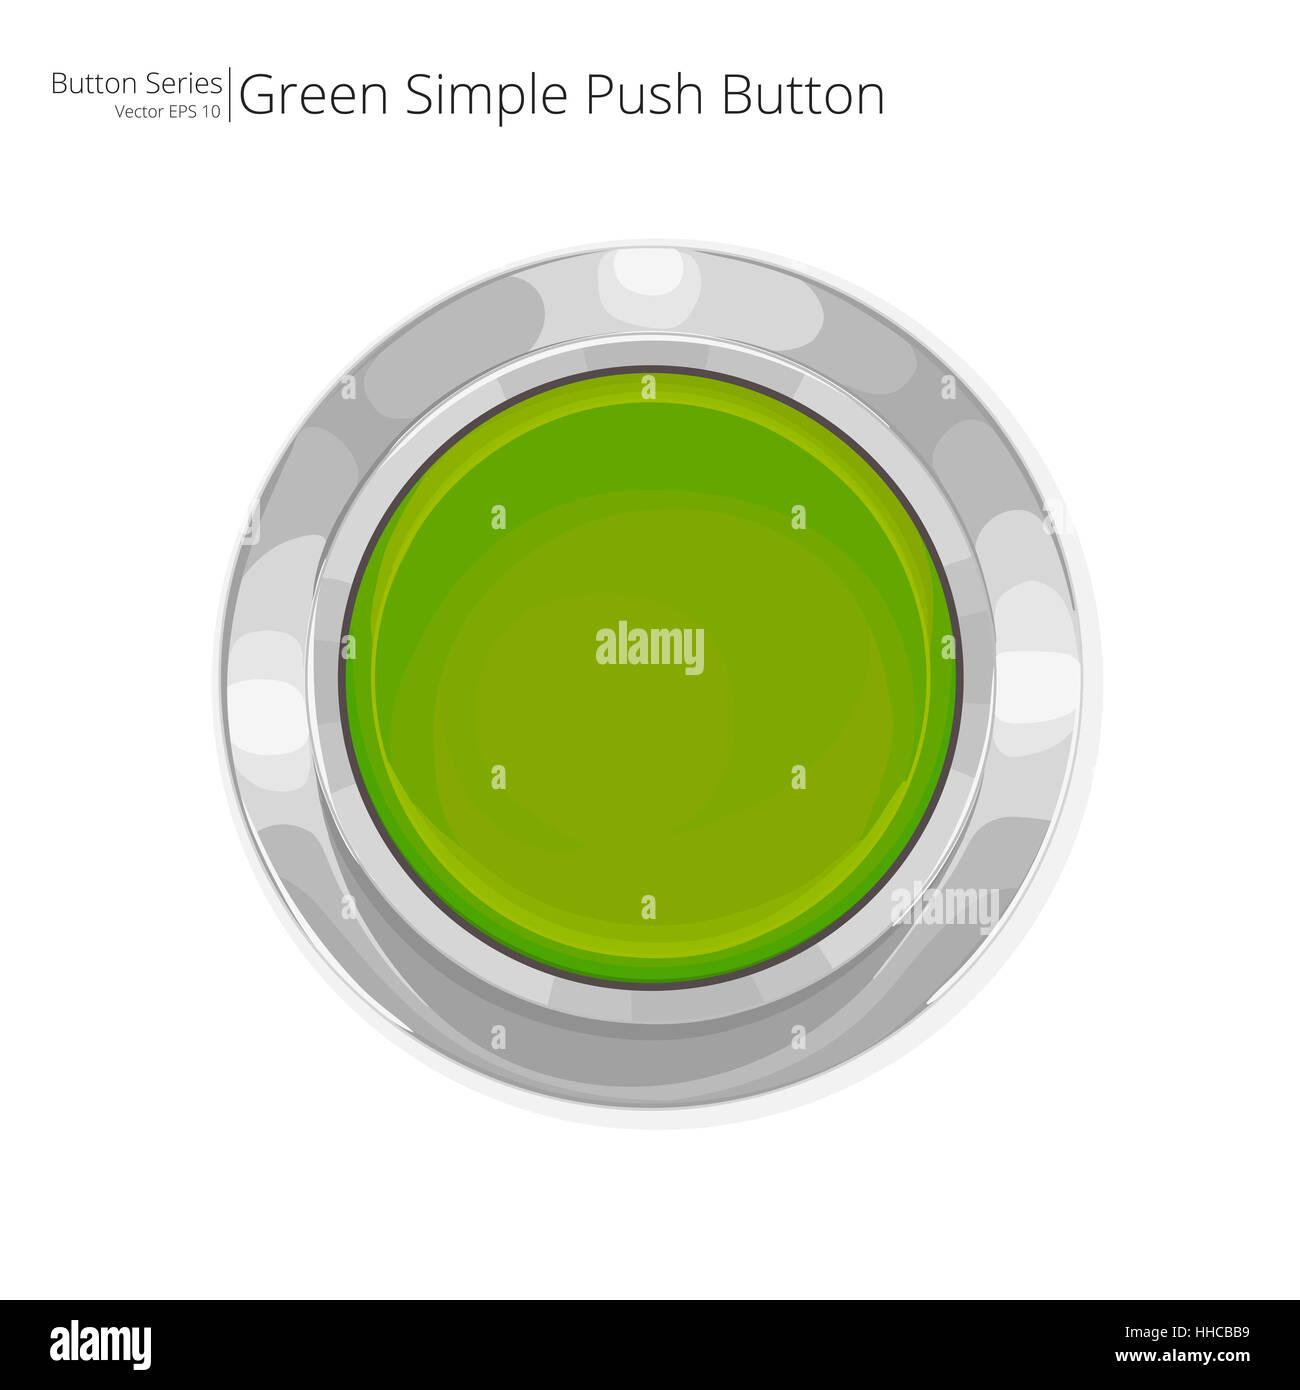 Pulsador de simple green. Vector EPS10. Imagen De Stock